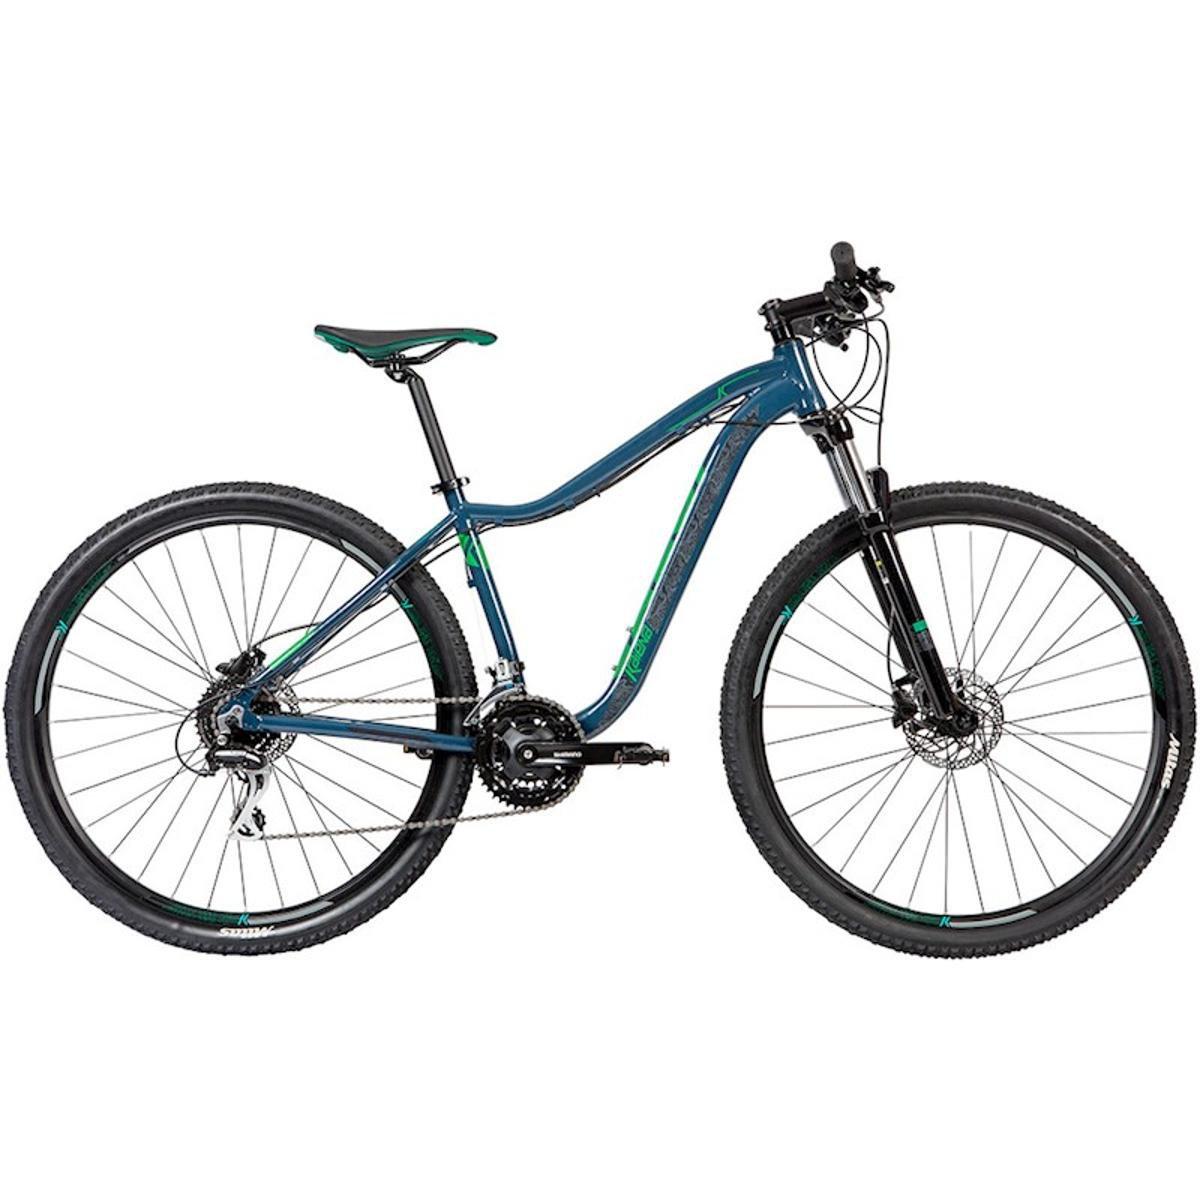 Bicicleta Caloi Kaiena Comp Aro 29 Susp. Dianteira 21 Marchas - Azul